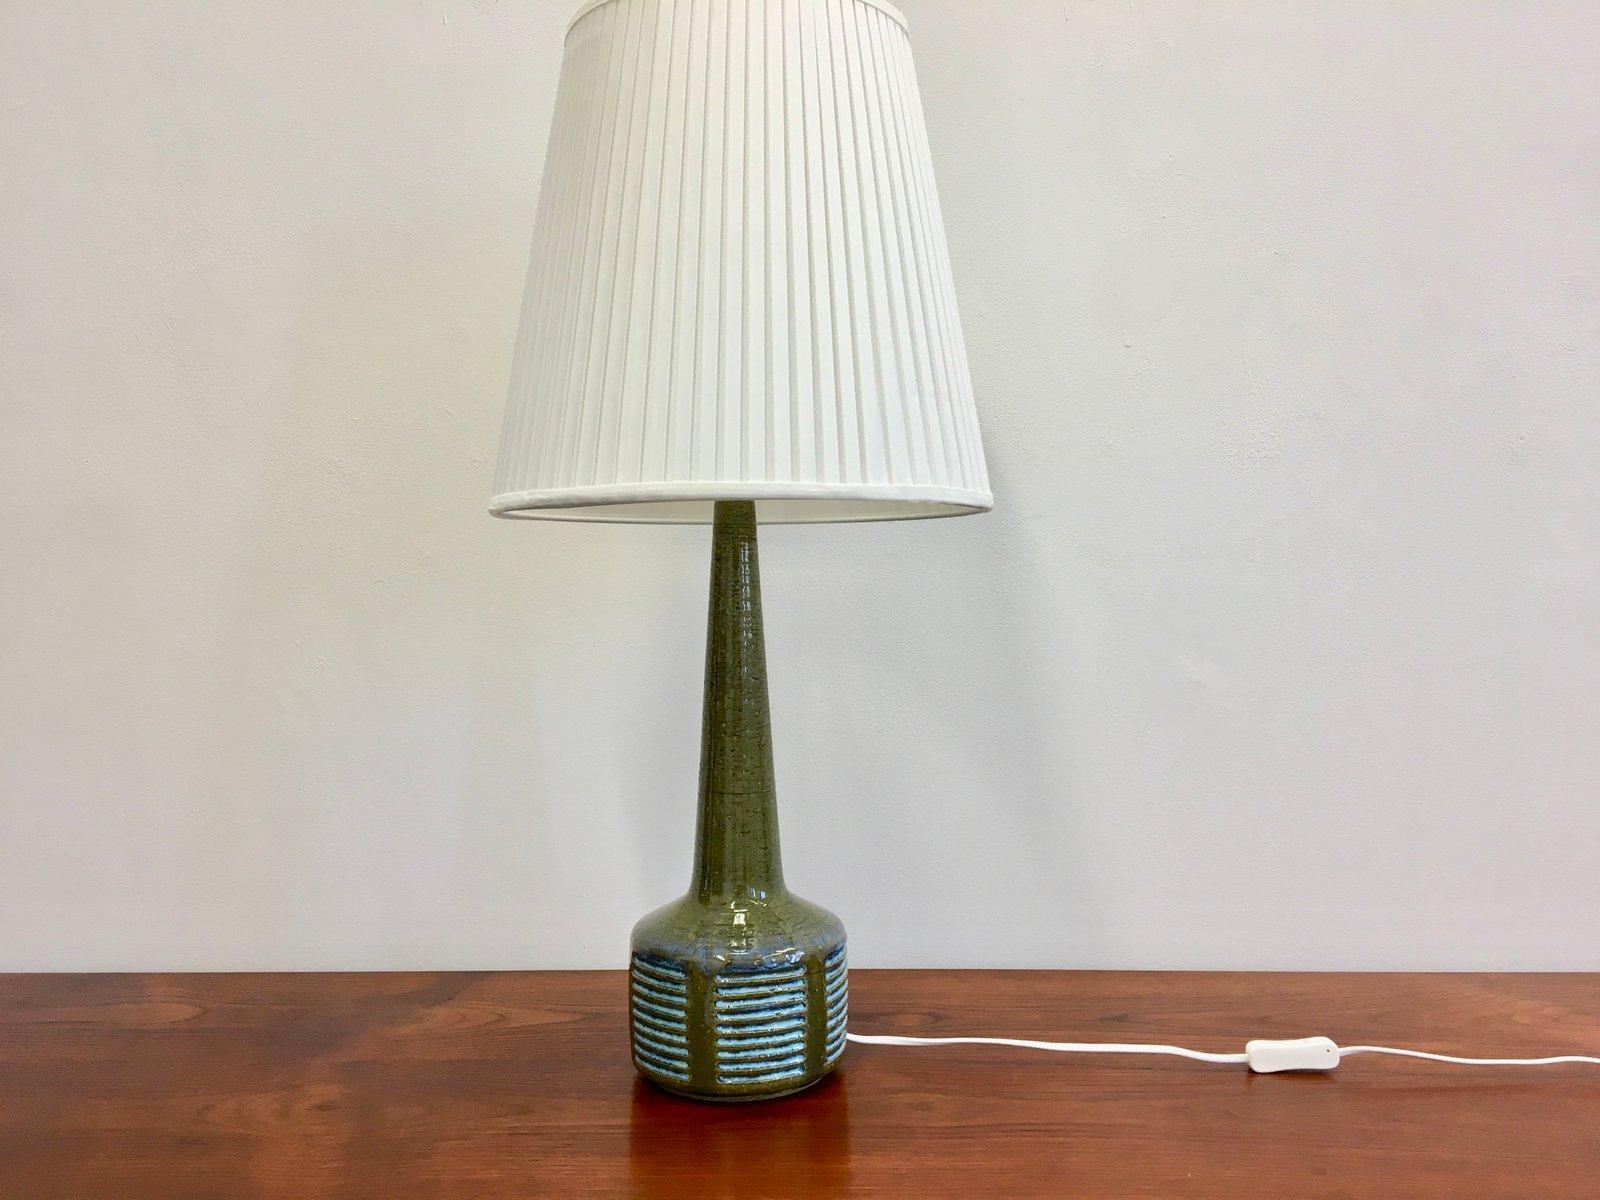 lampe de bureau mid century en c ramique verte par per linnemann schmidt pour palshus danemark. Black Bedroom Furniture Sets. Home Design Ideas